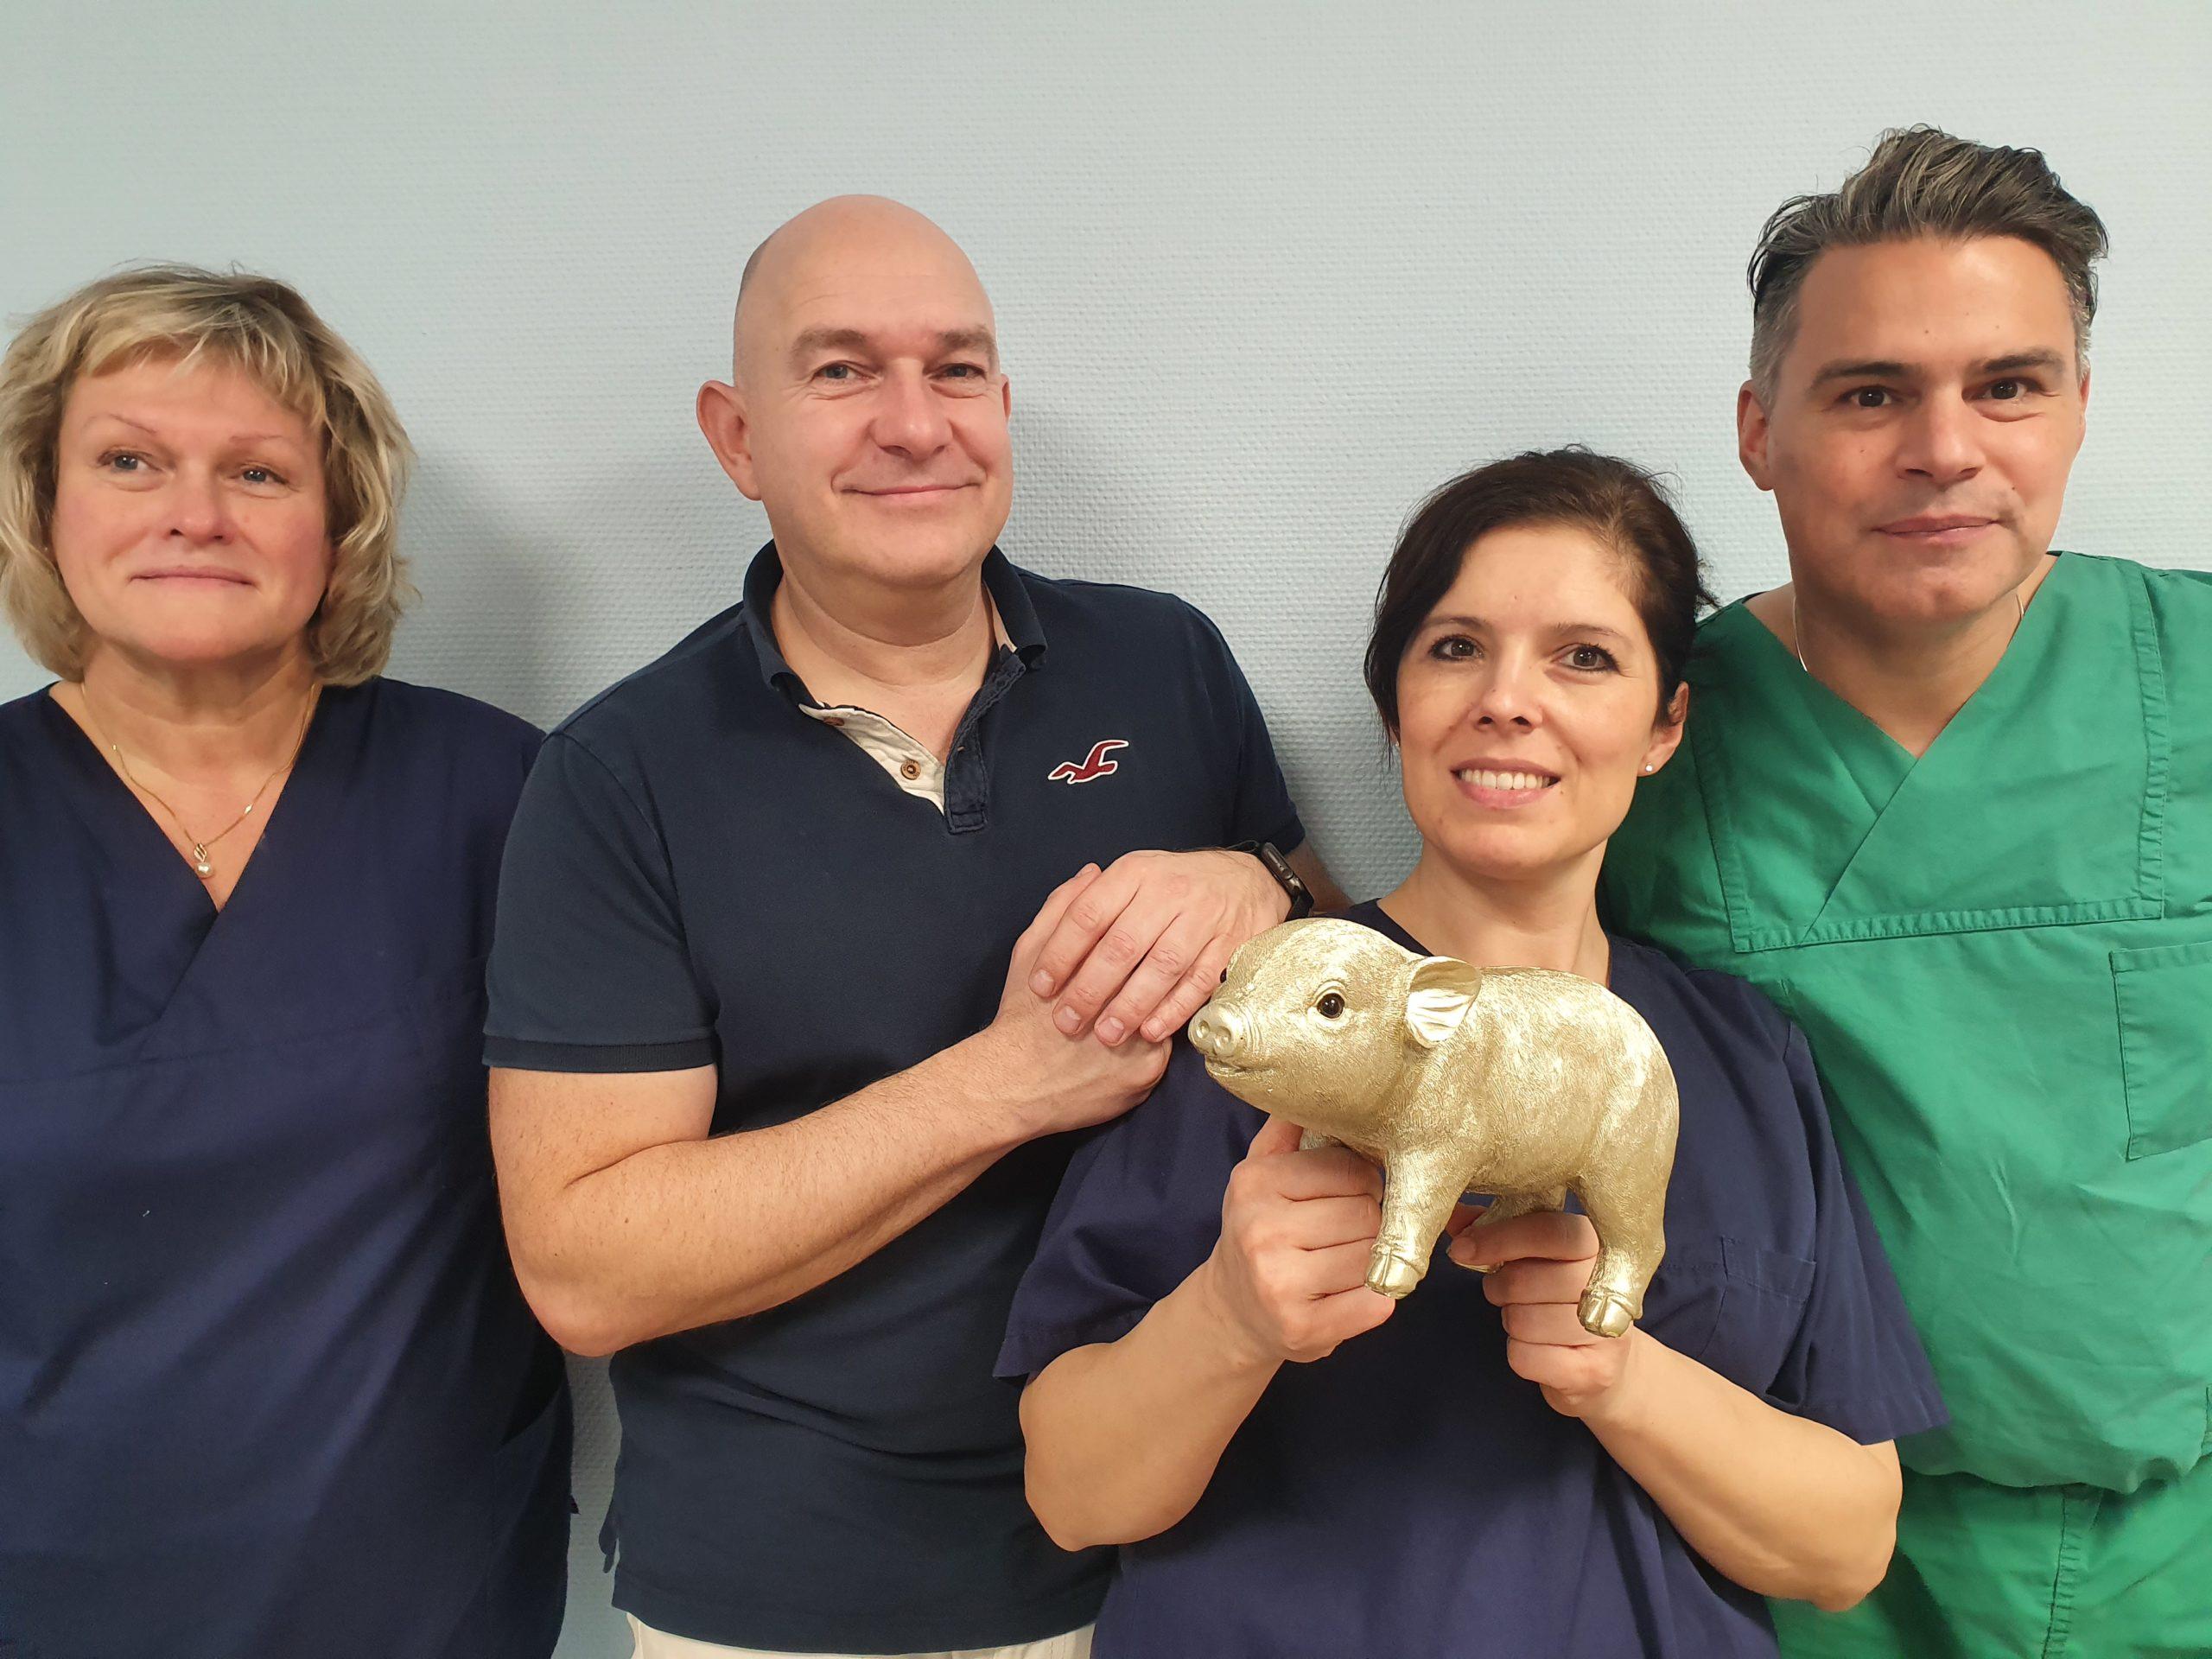 Schweinchen scaled | zoum.de | Team spendet Trinkgeld